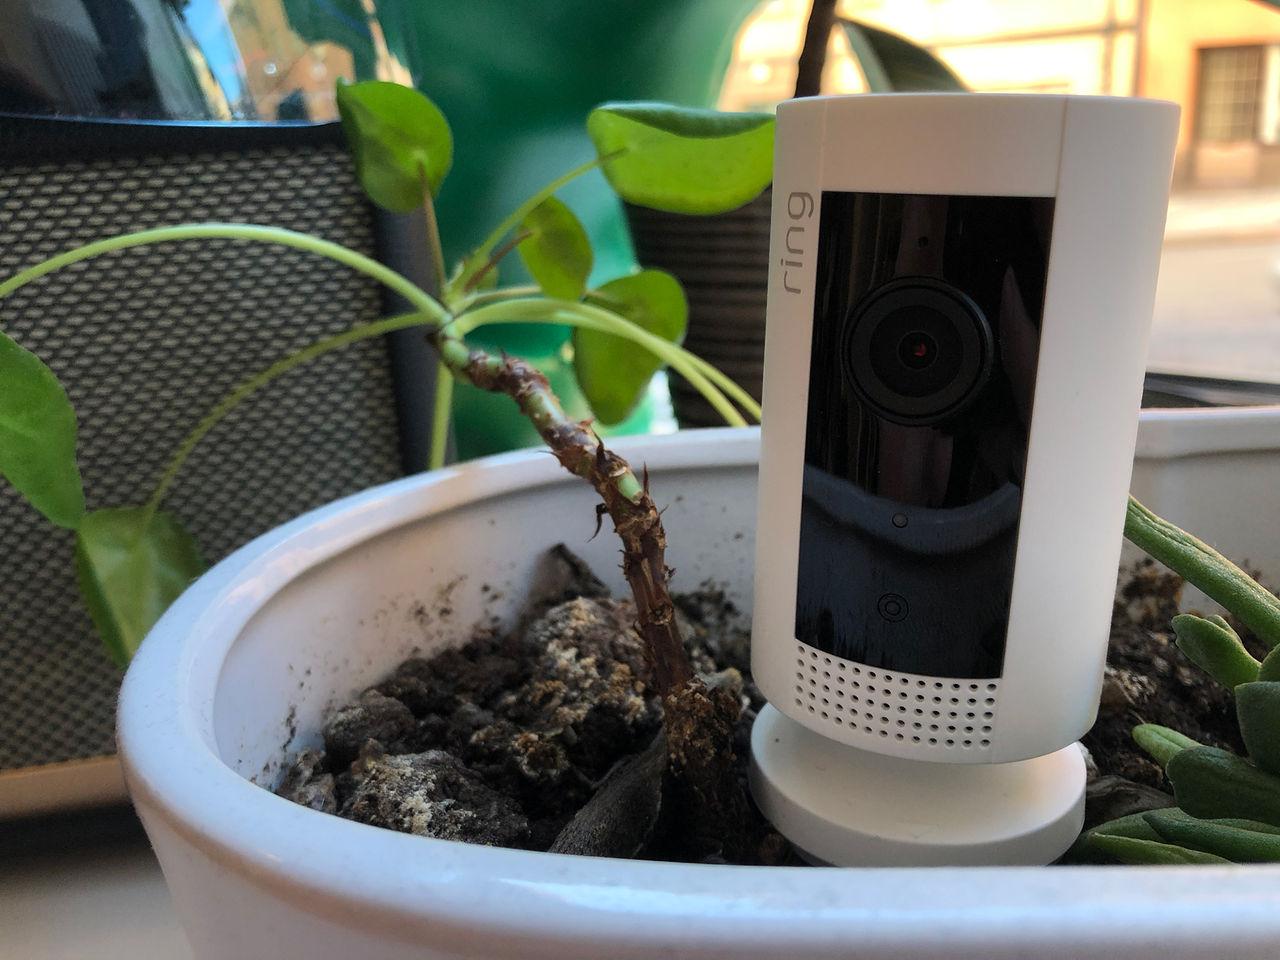 Vi har testat Rings lilla Indoor Cam